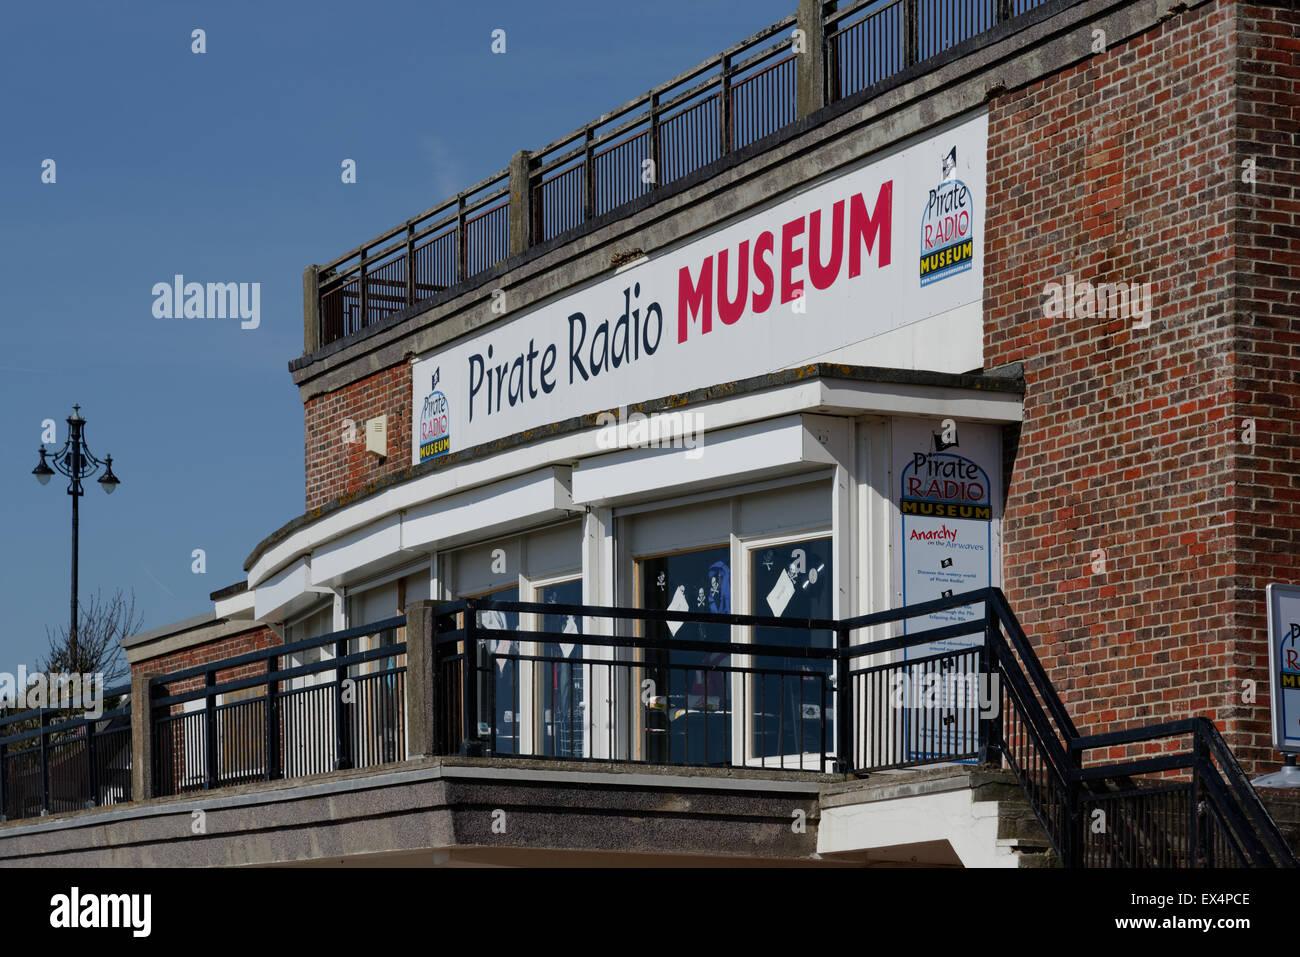 Pirate Radio museum Clacton-on-Sea, Essex - Stock Image